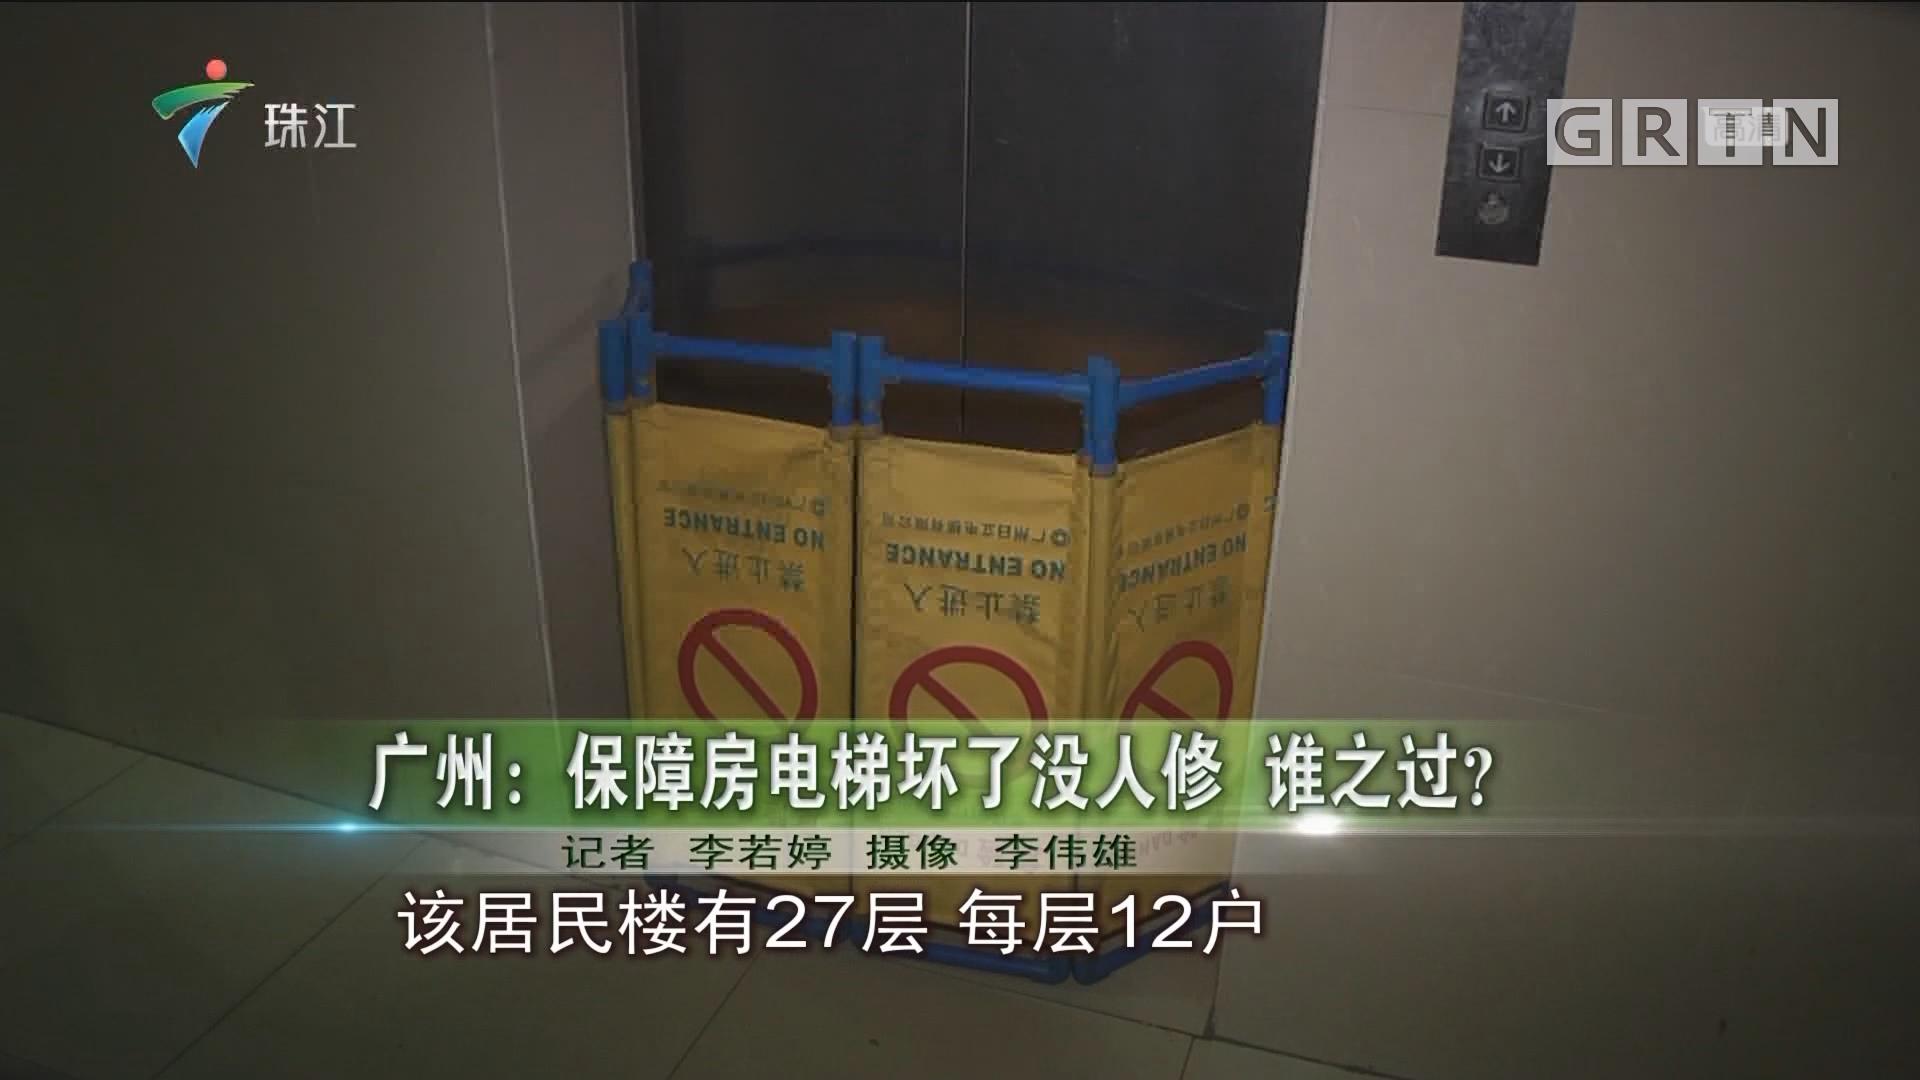 广州:保障房电梯坏了没人修 谁之过?